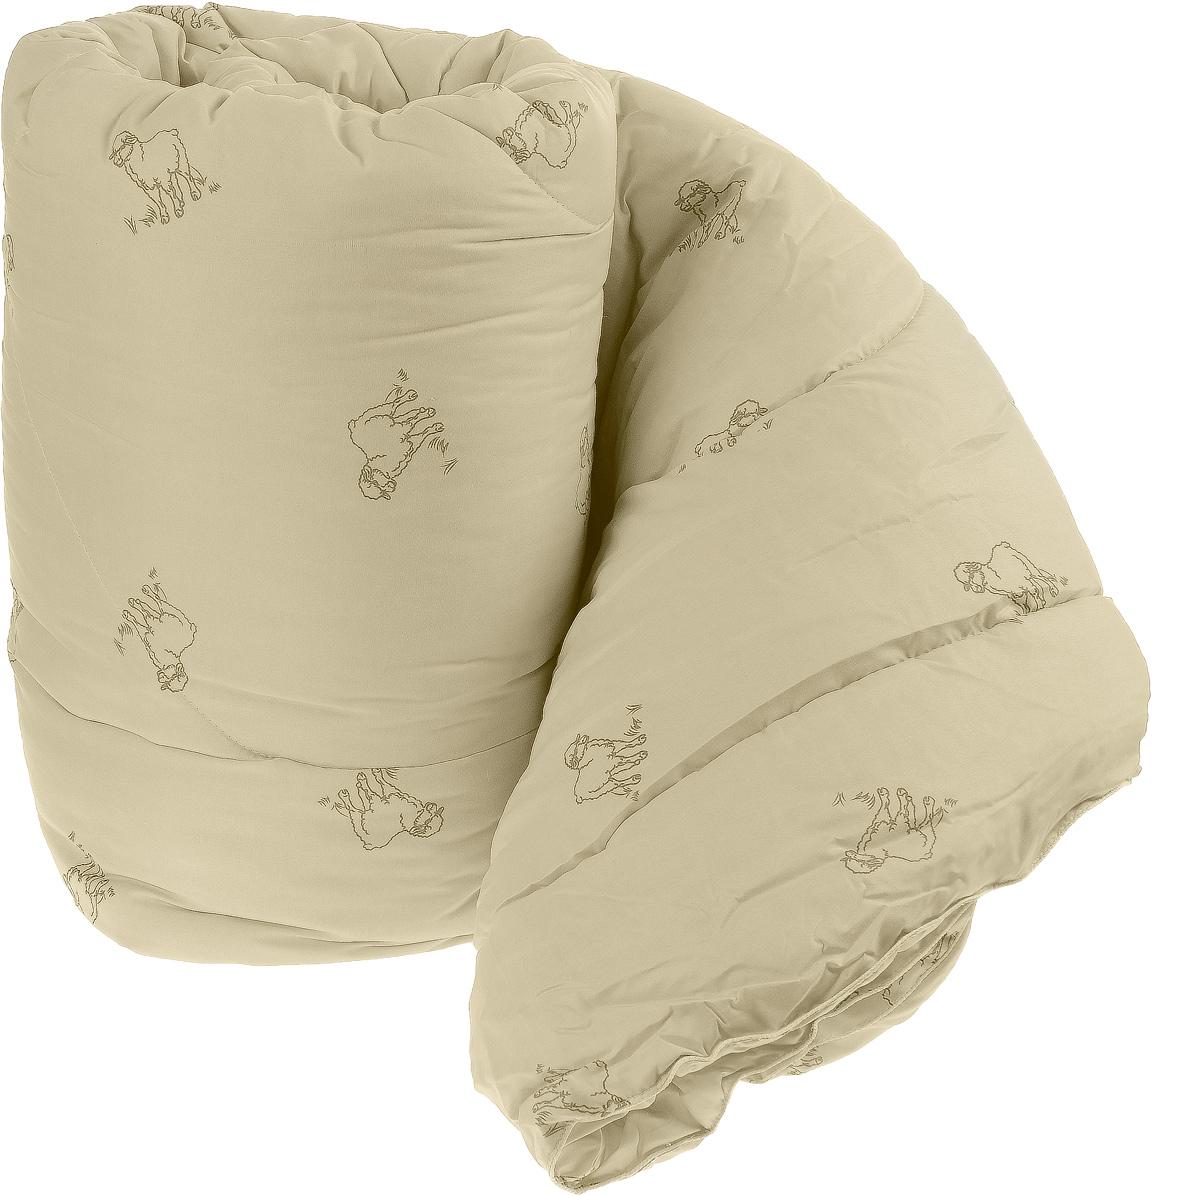 Одеяло теплое Легкие сны Золотое руно, наполнитель: овечья шерсть, цвет: в ассортименте, 200 х 220 см плед daily by t золотое руно 130х170см шерсть 100% в ассортименте